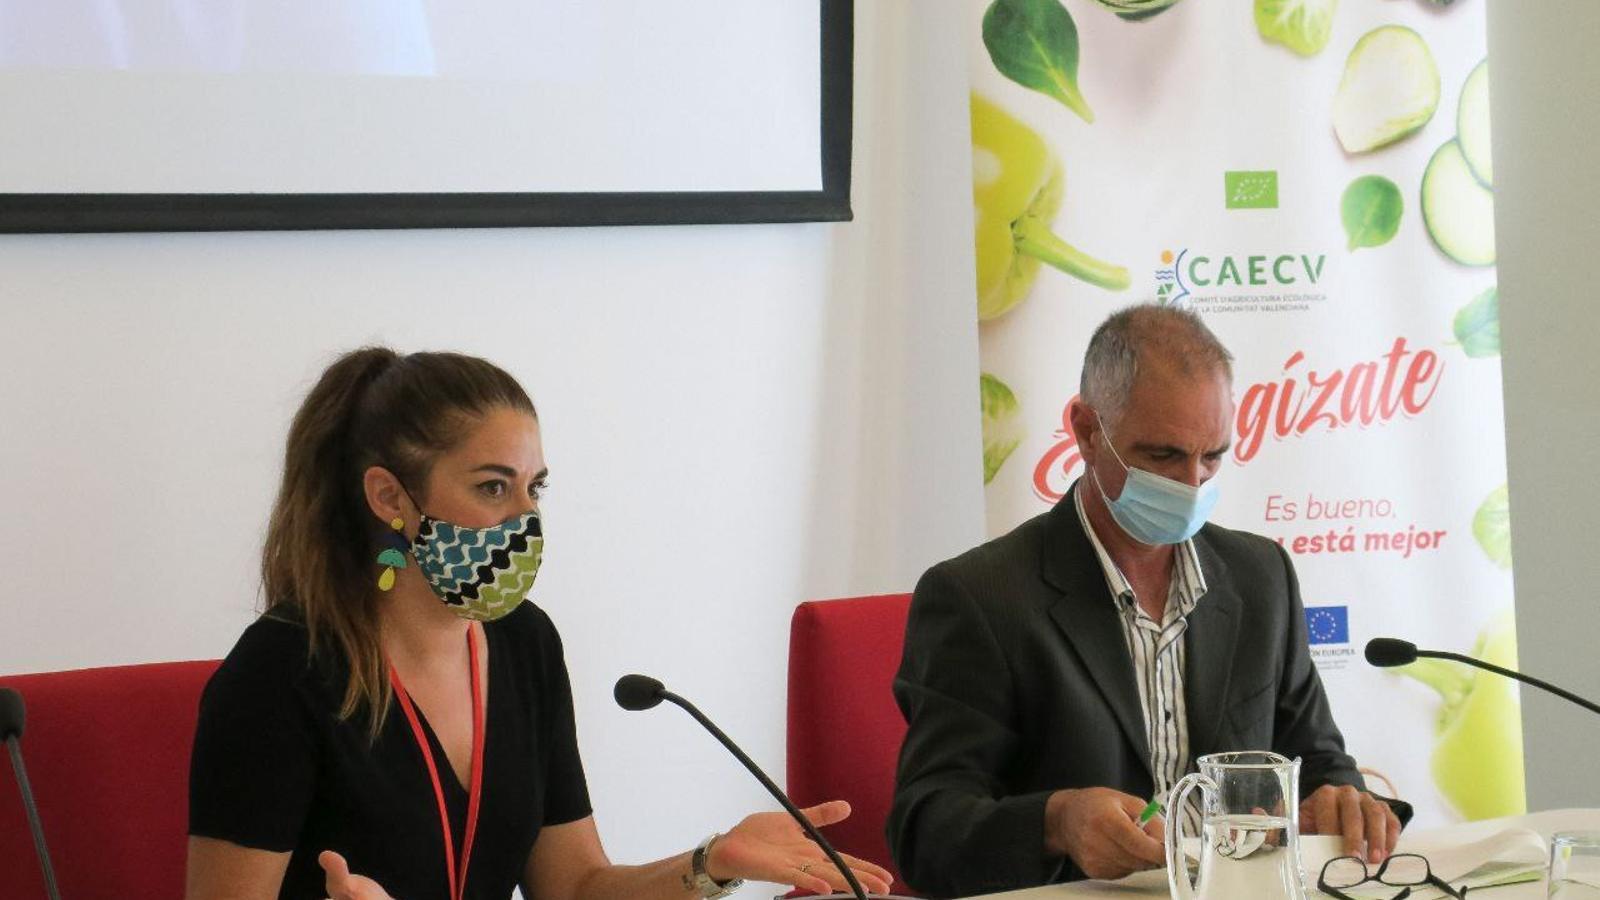 La conselleria d'Agricultura, Desenvolupament Rural, Emergència Climàtica i Transició Ecològica, Mirella Mollà, en la presentació de l'últim informe sobre la implantació de l'agricultura ecològica al País Valencià